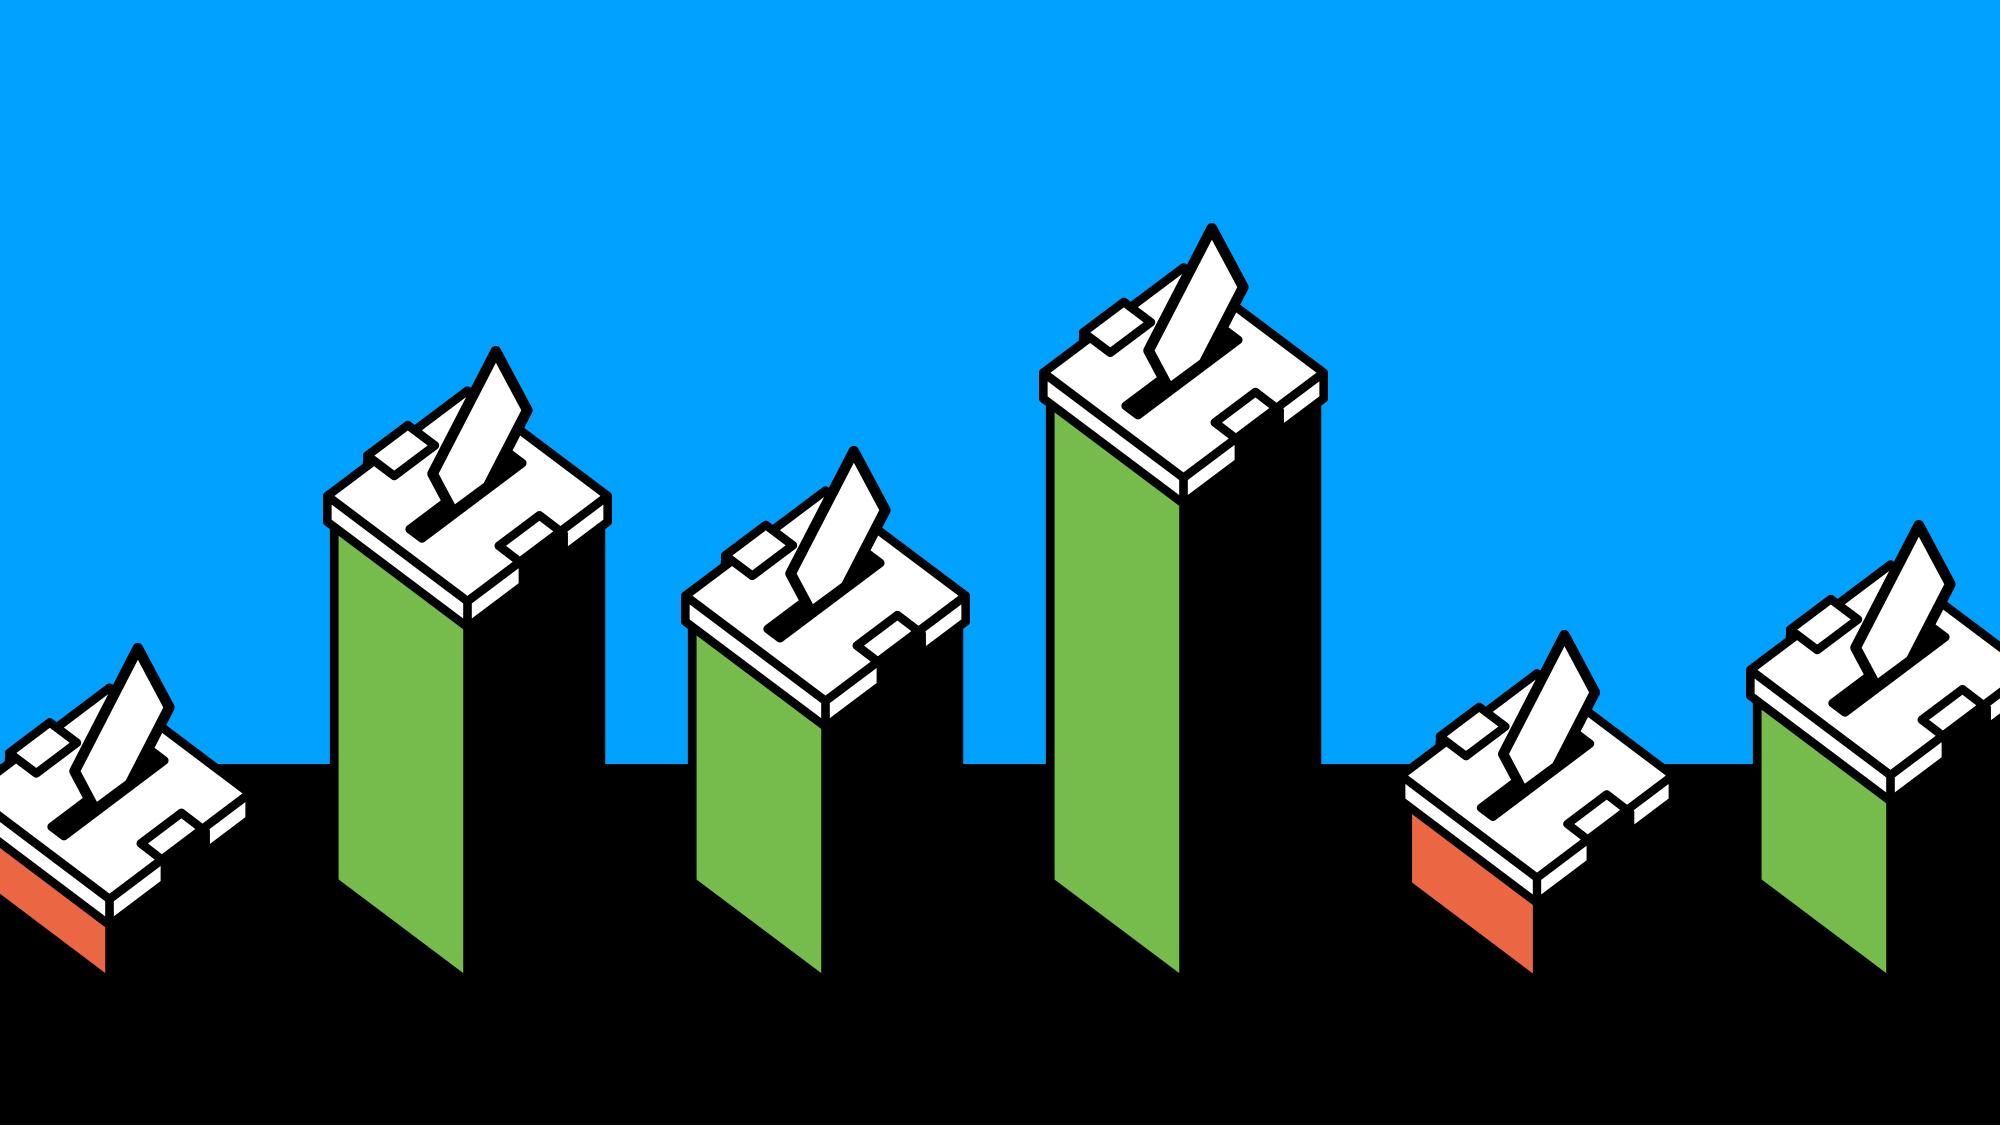 Die Stimmbürger haben am 10. Juni über mehrere nationale und kantonale Vorlagen abgestimmt.